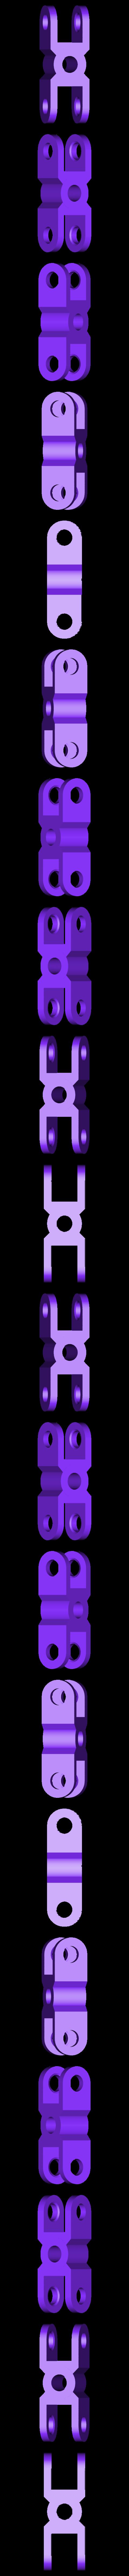 clip_x2_hole.stl Télécharger fichier STL gratuit Jeu de construction ChainClip • Modèle à imprimer en 3D, ferjerez3d